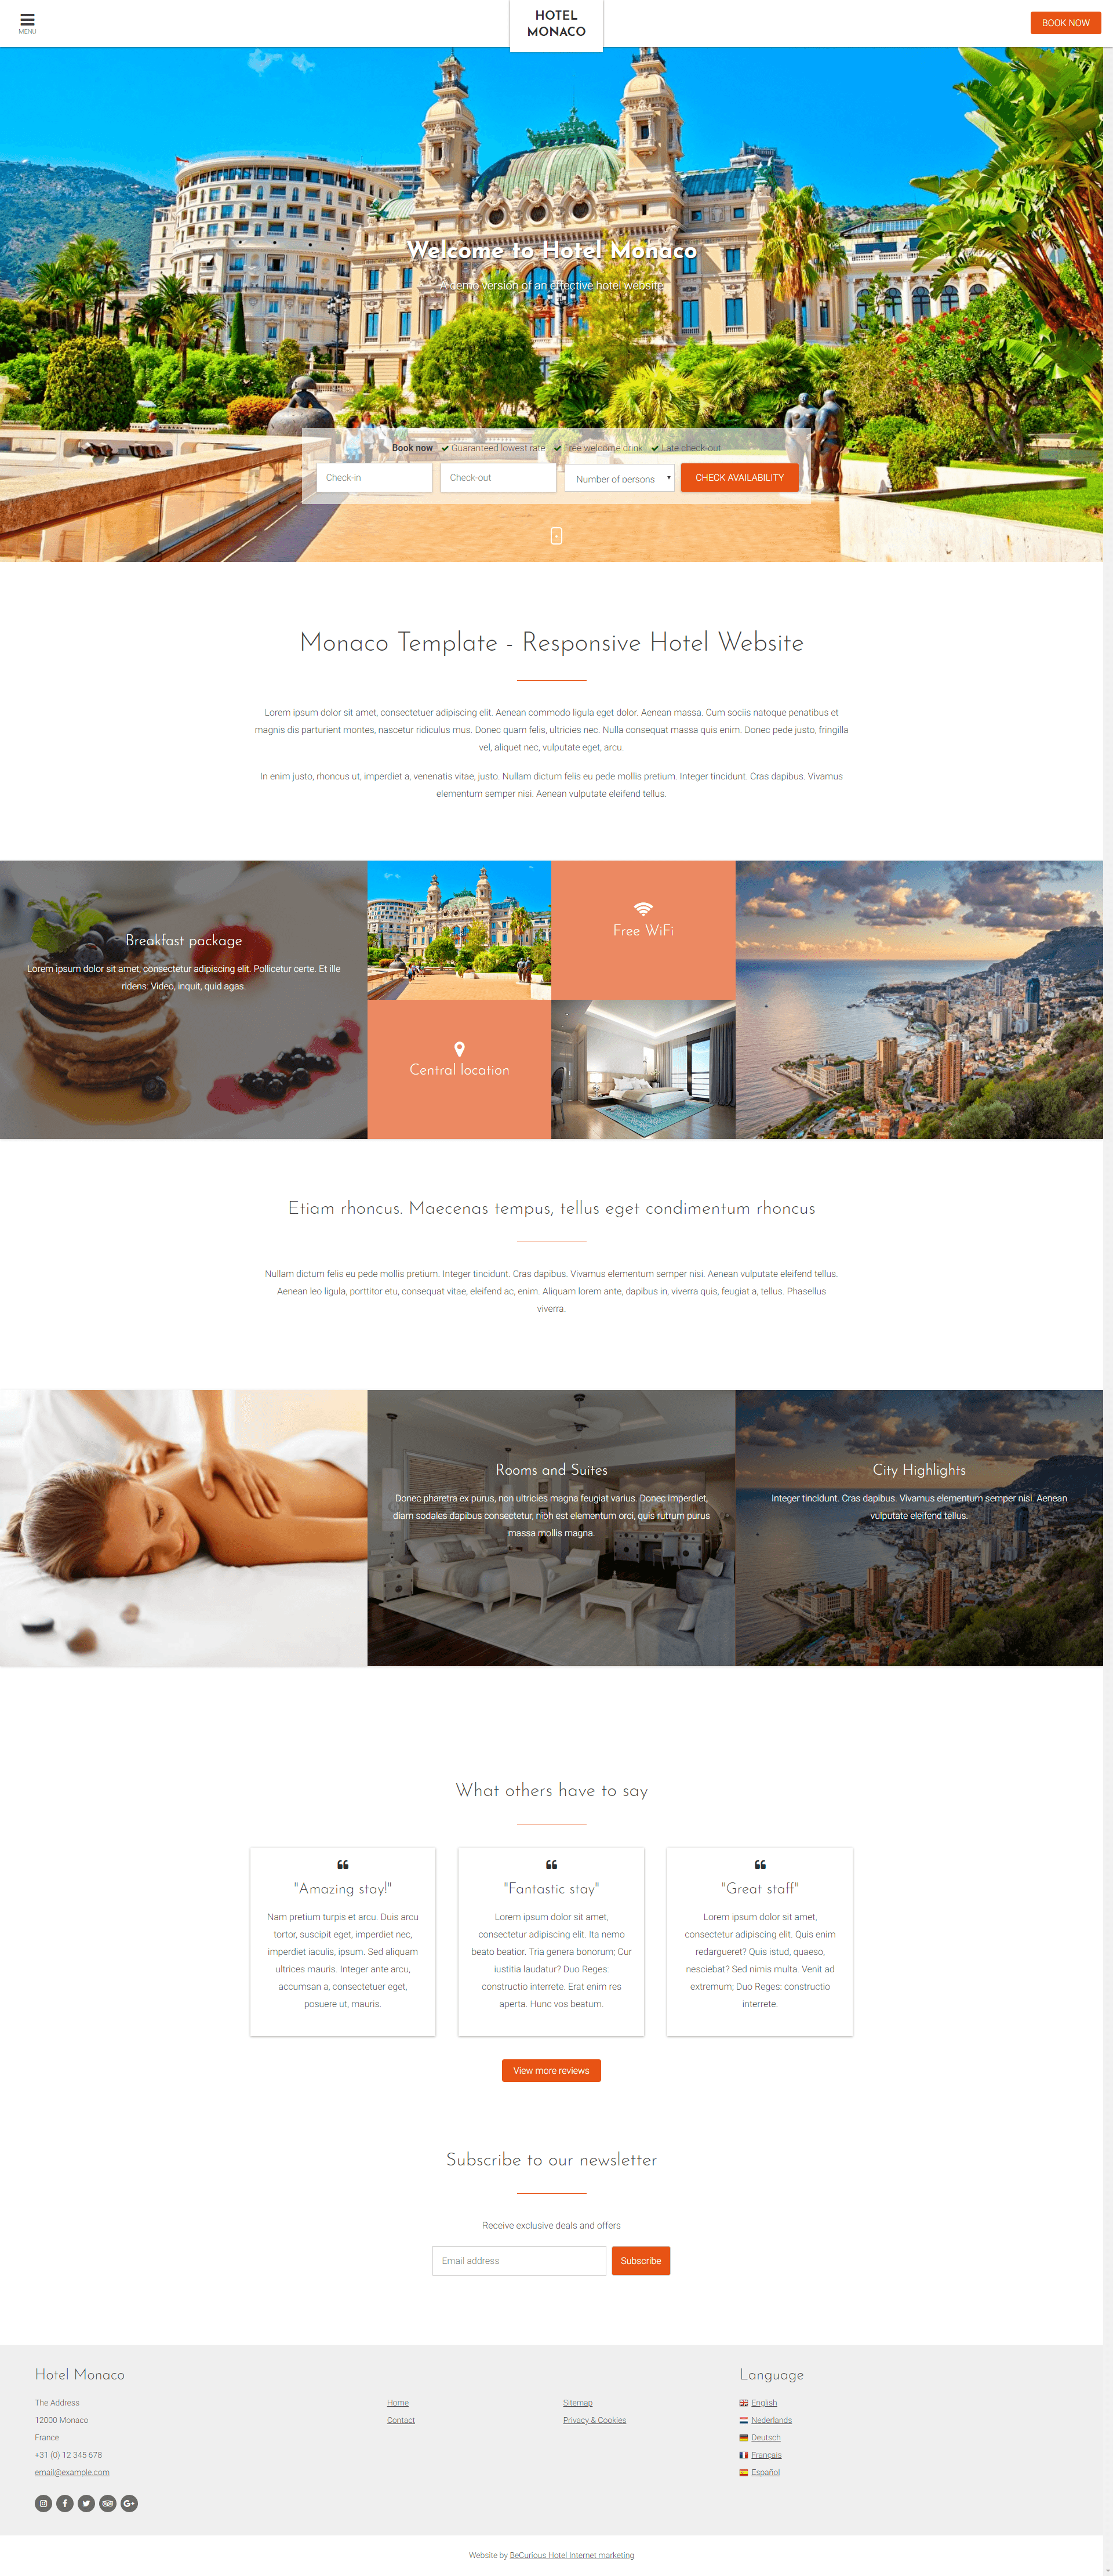 Monaco Template